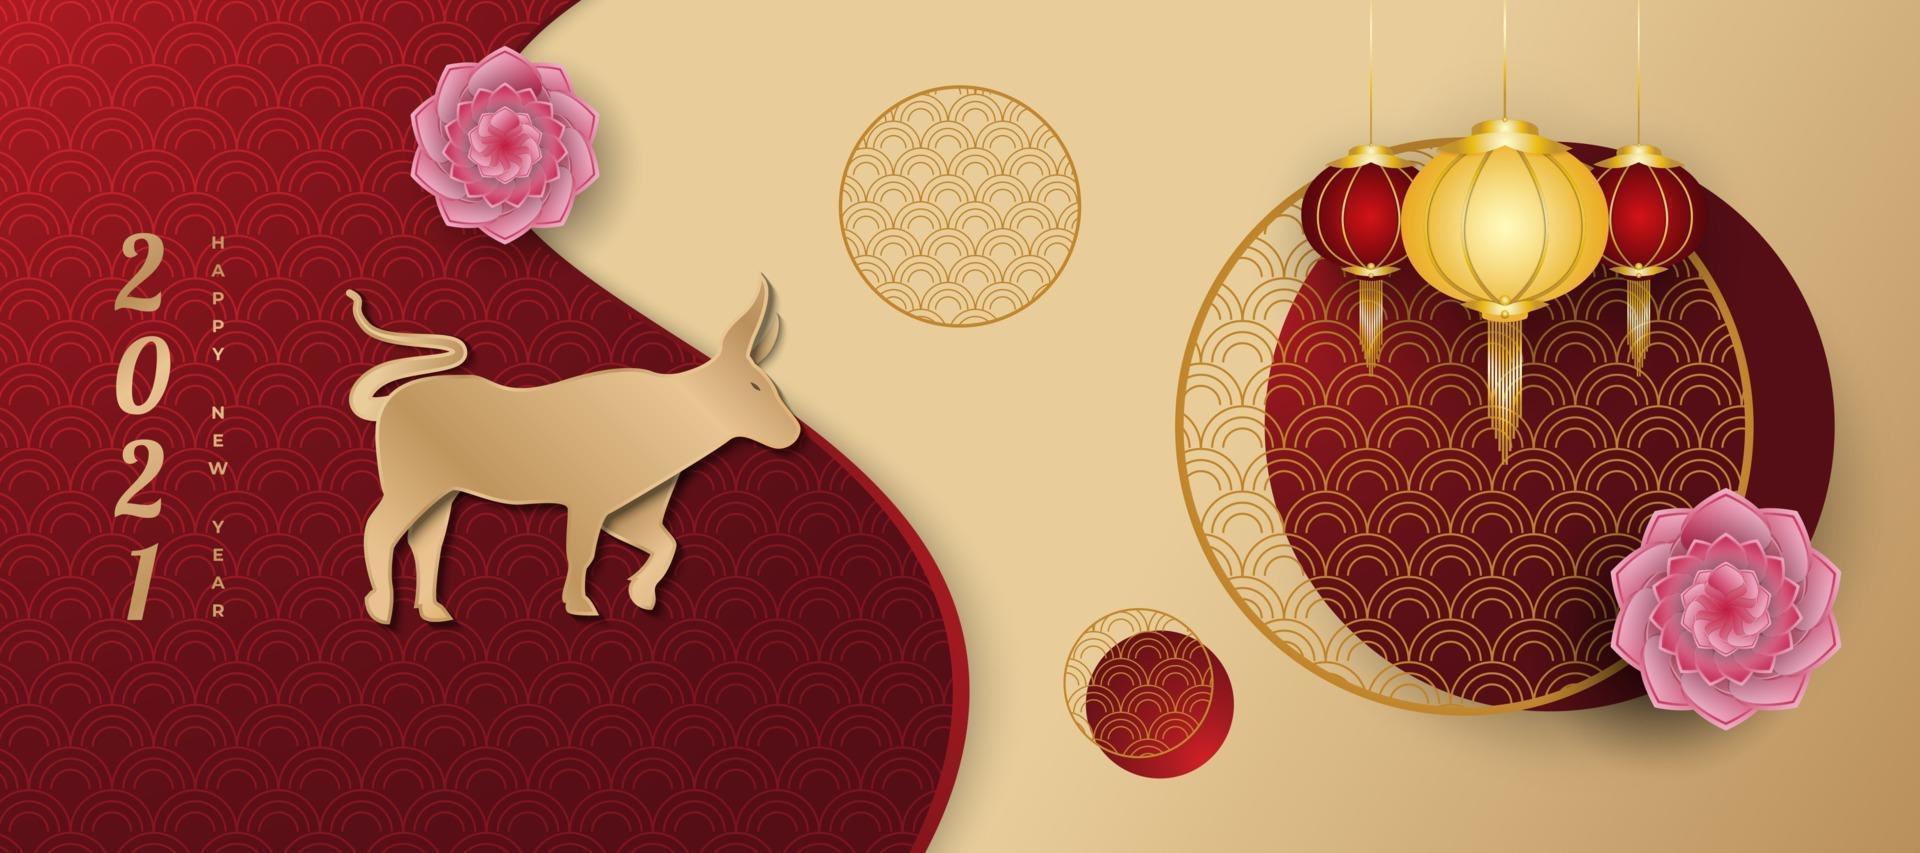 Bannière de voeux de nouvel an chinois décorée de bœuf doré, de lanternes et de fleurs en papier découpé style sur fond abstrait vecteur